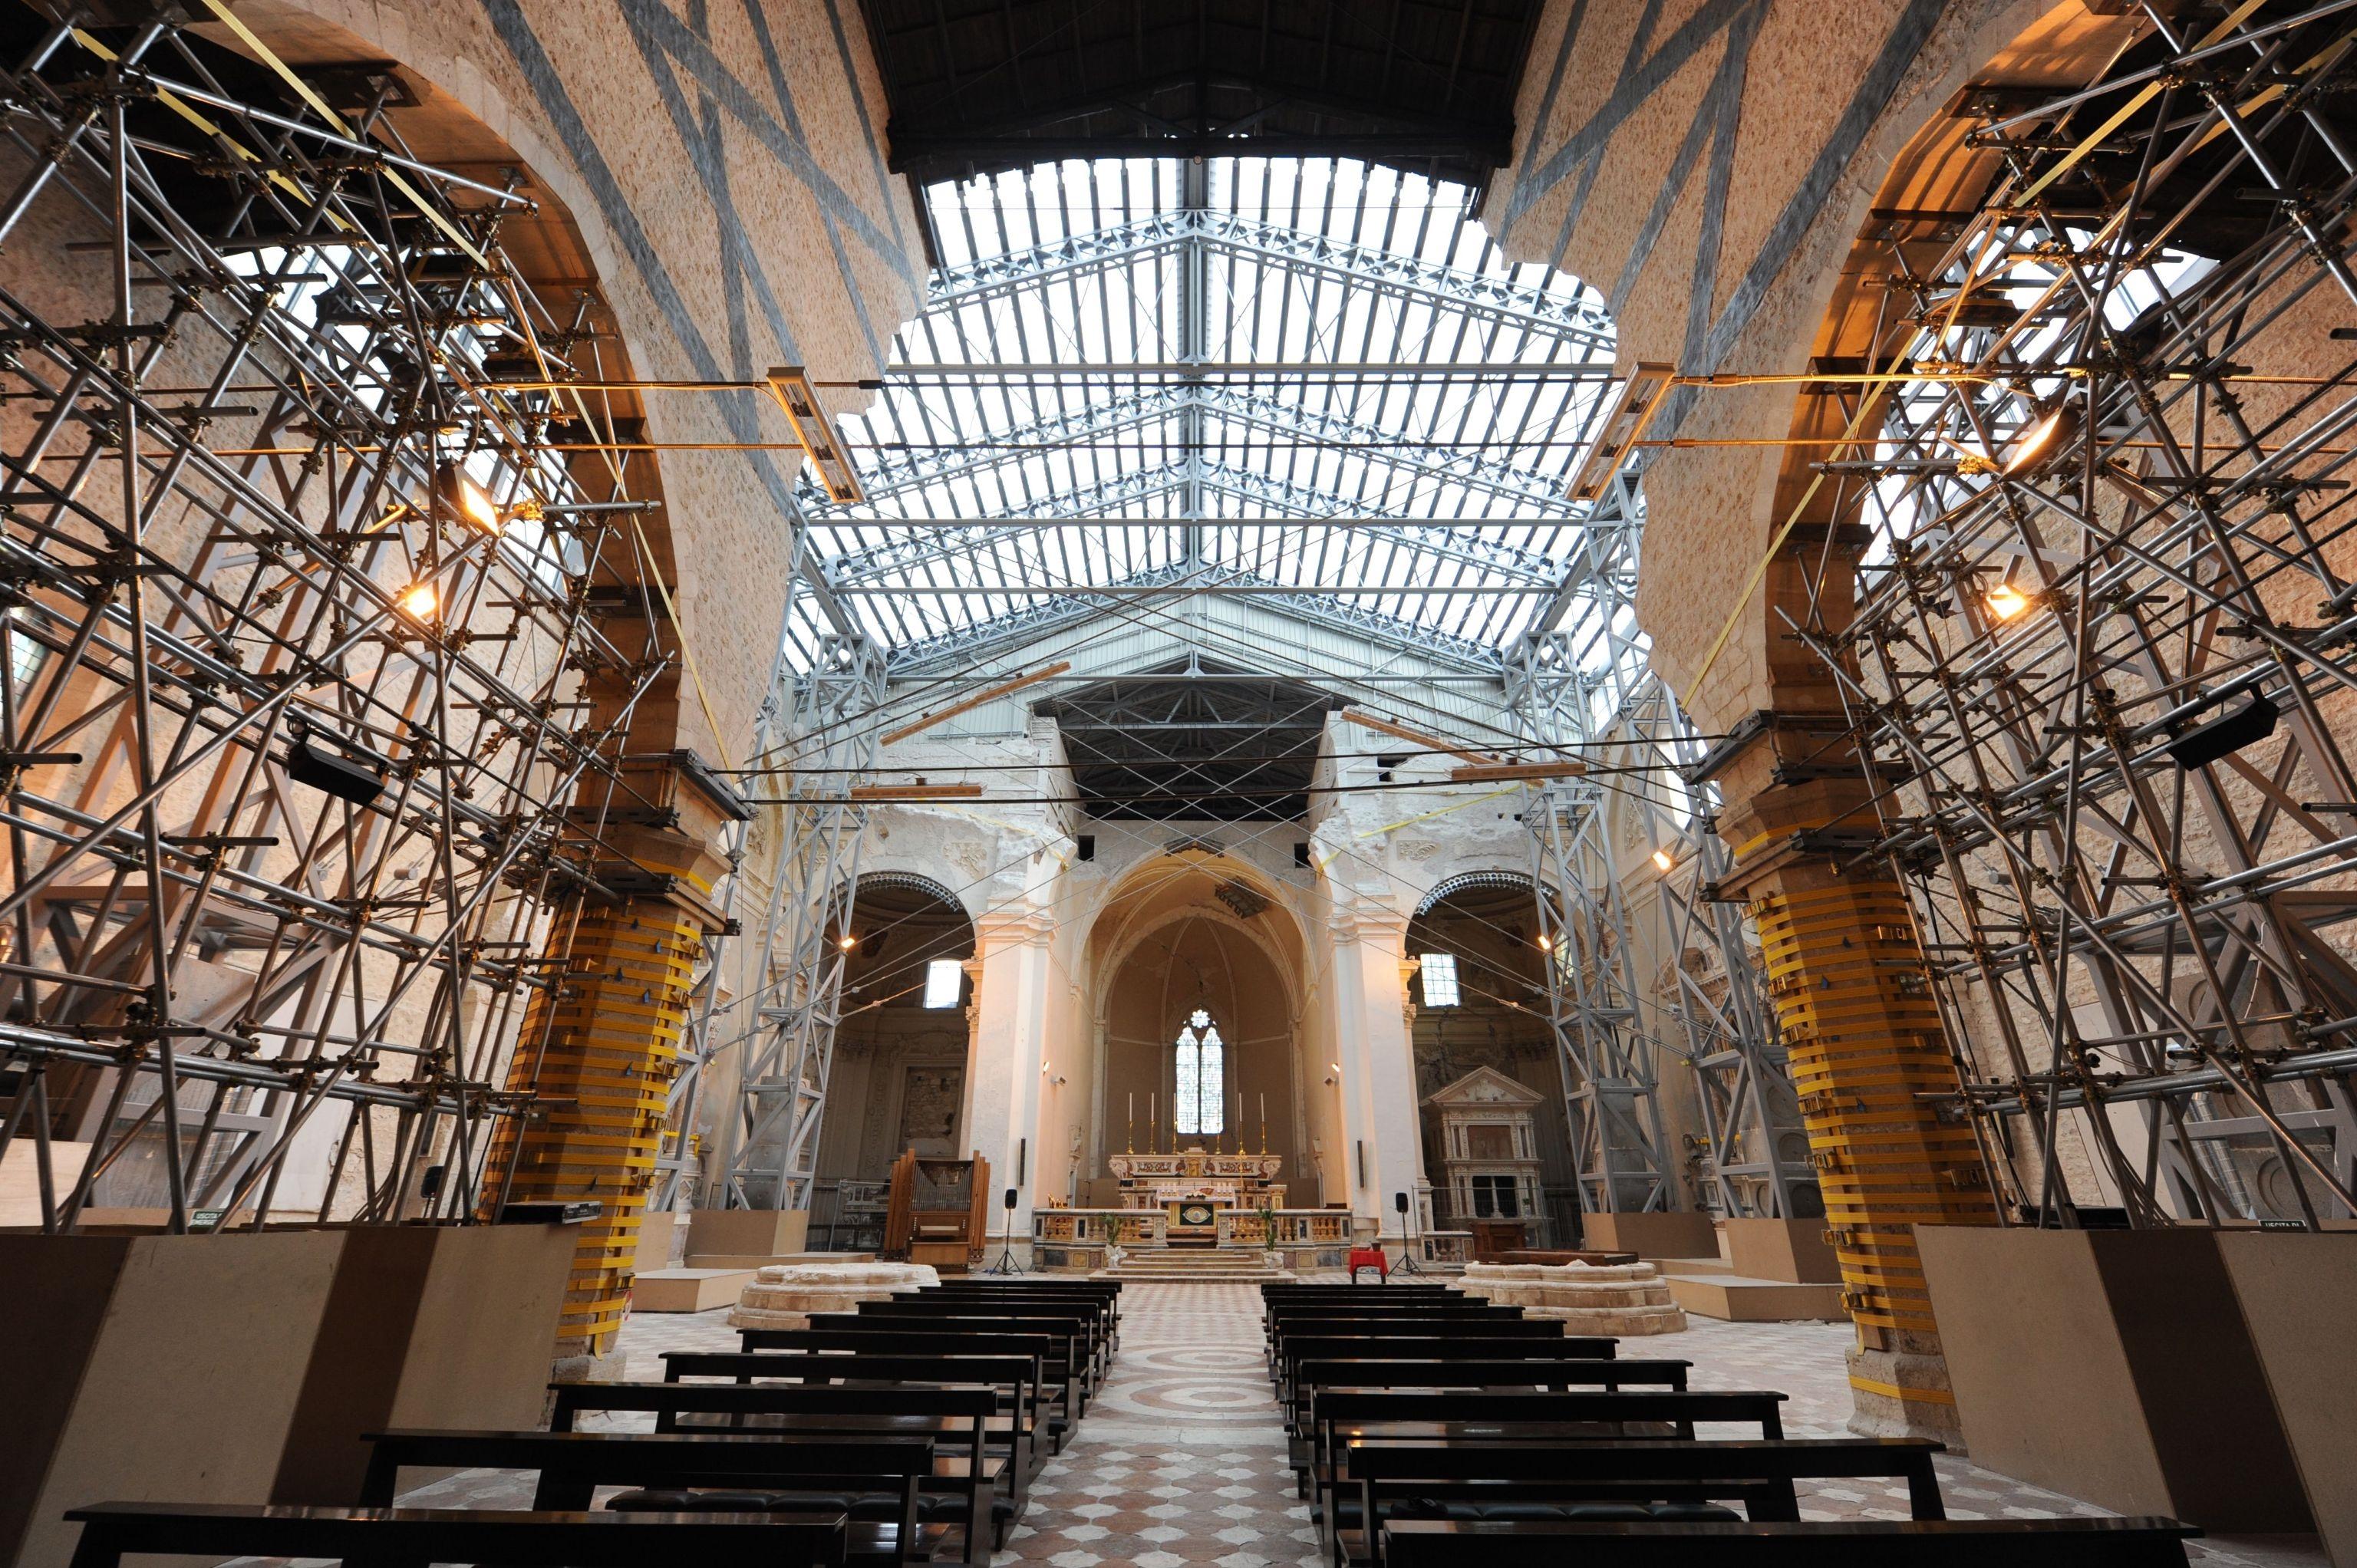 la-basilica-di-collemaggio-a-laquila-danneggiata-dal-terremoto-foto-ansa